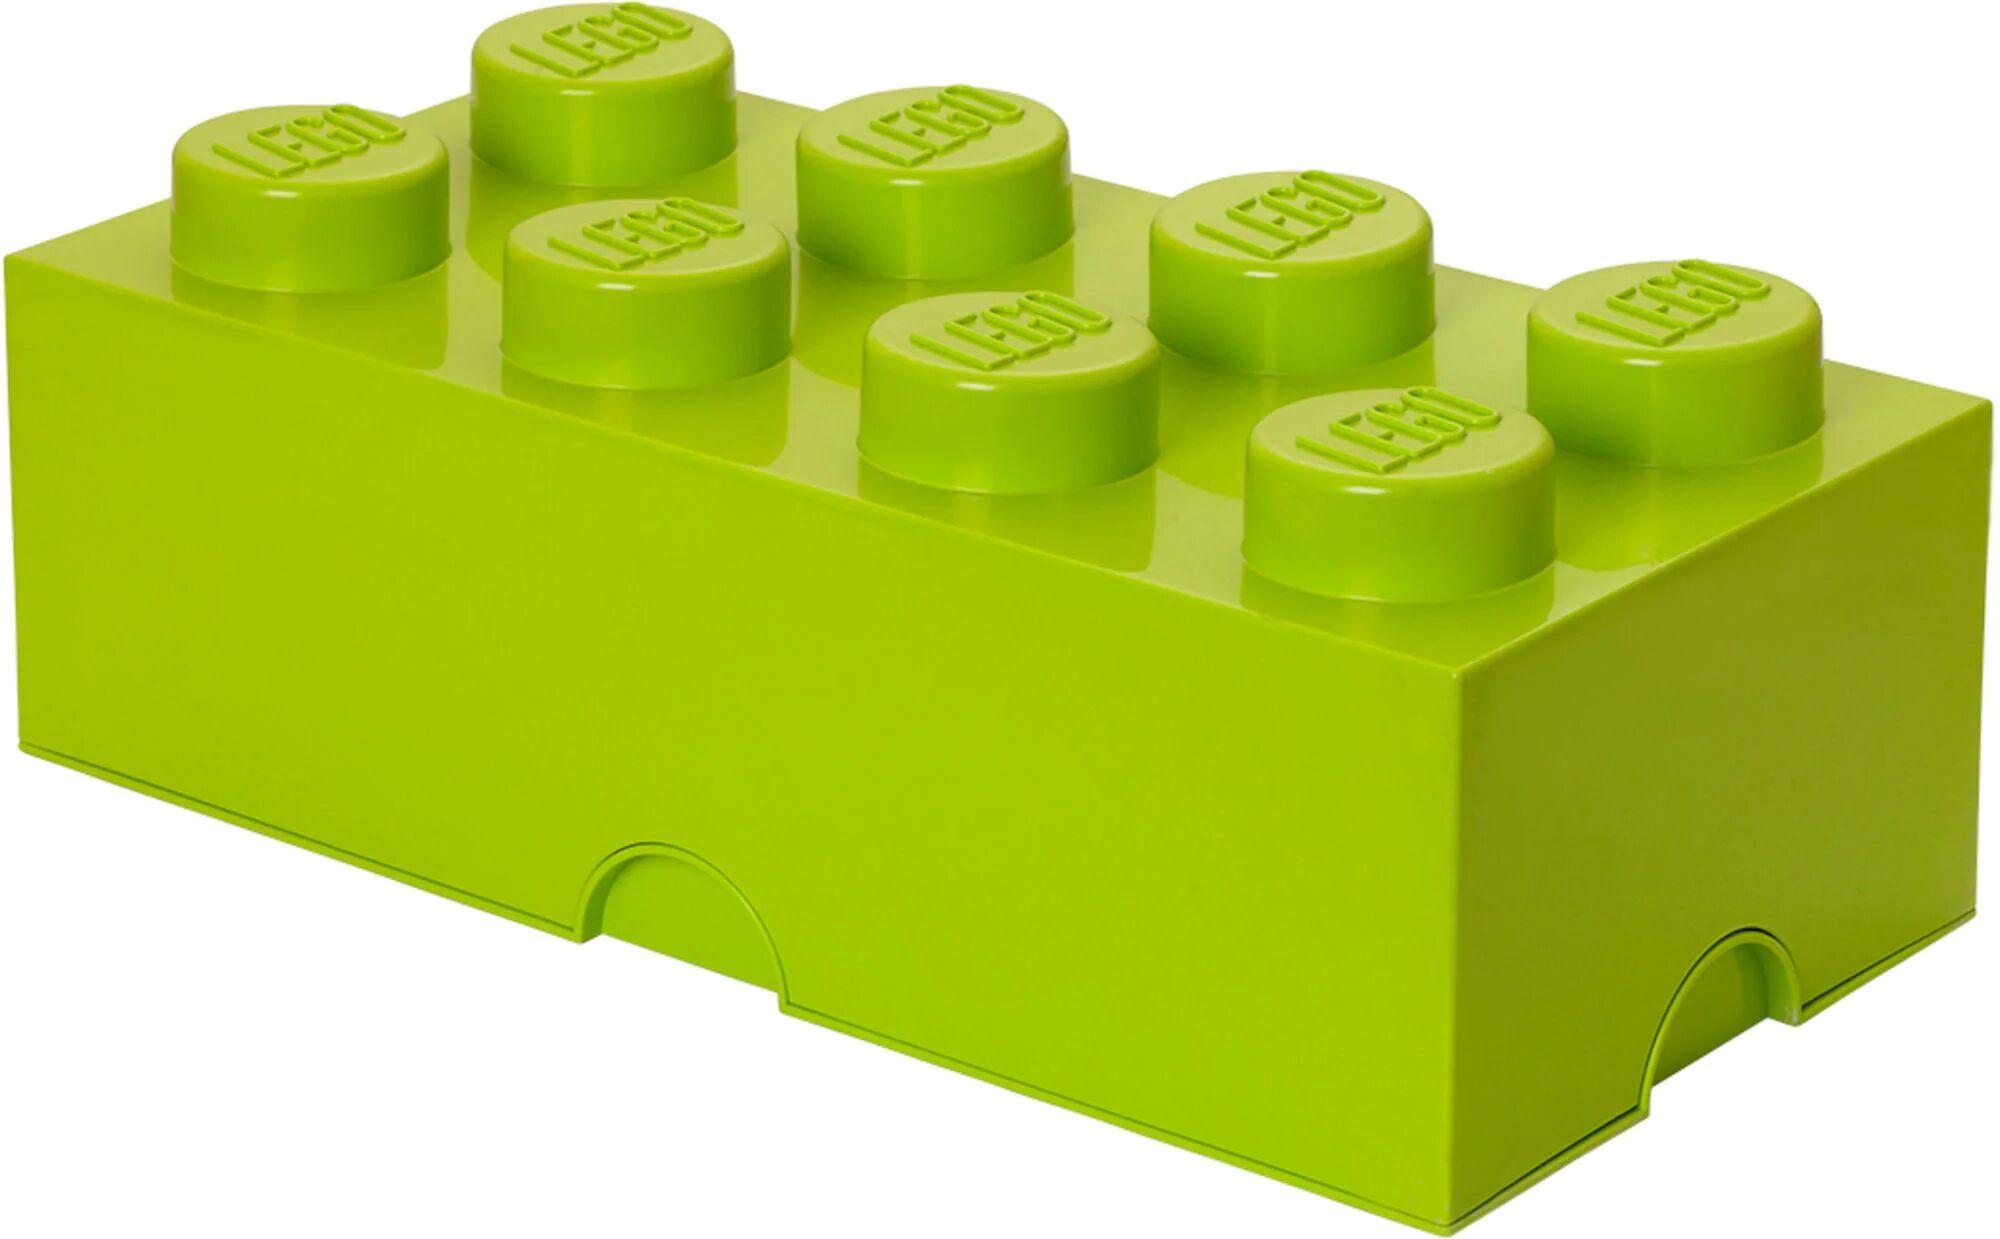 Lego Oppbevaring 8 Lime